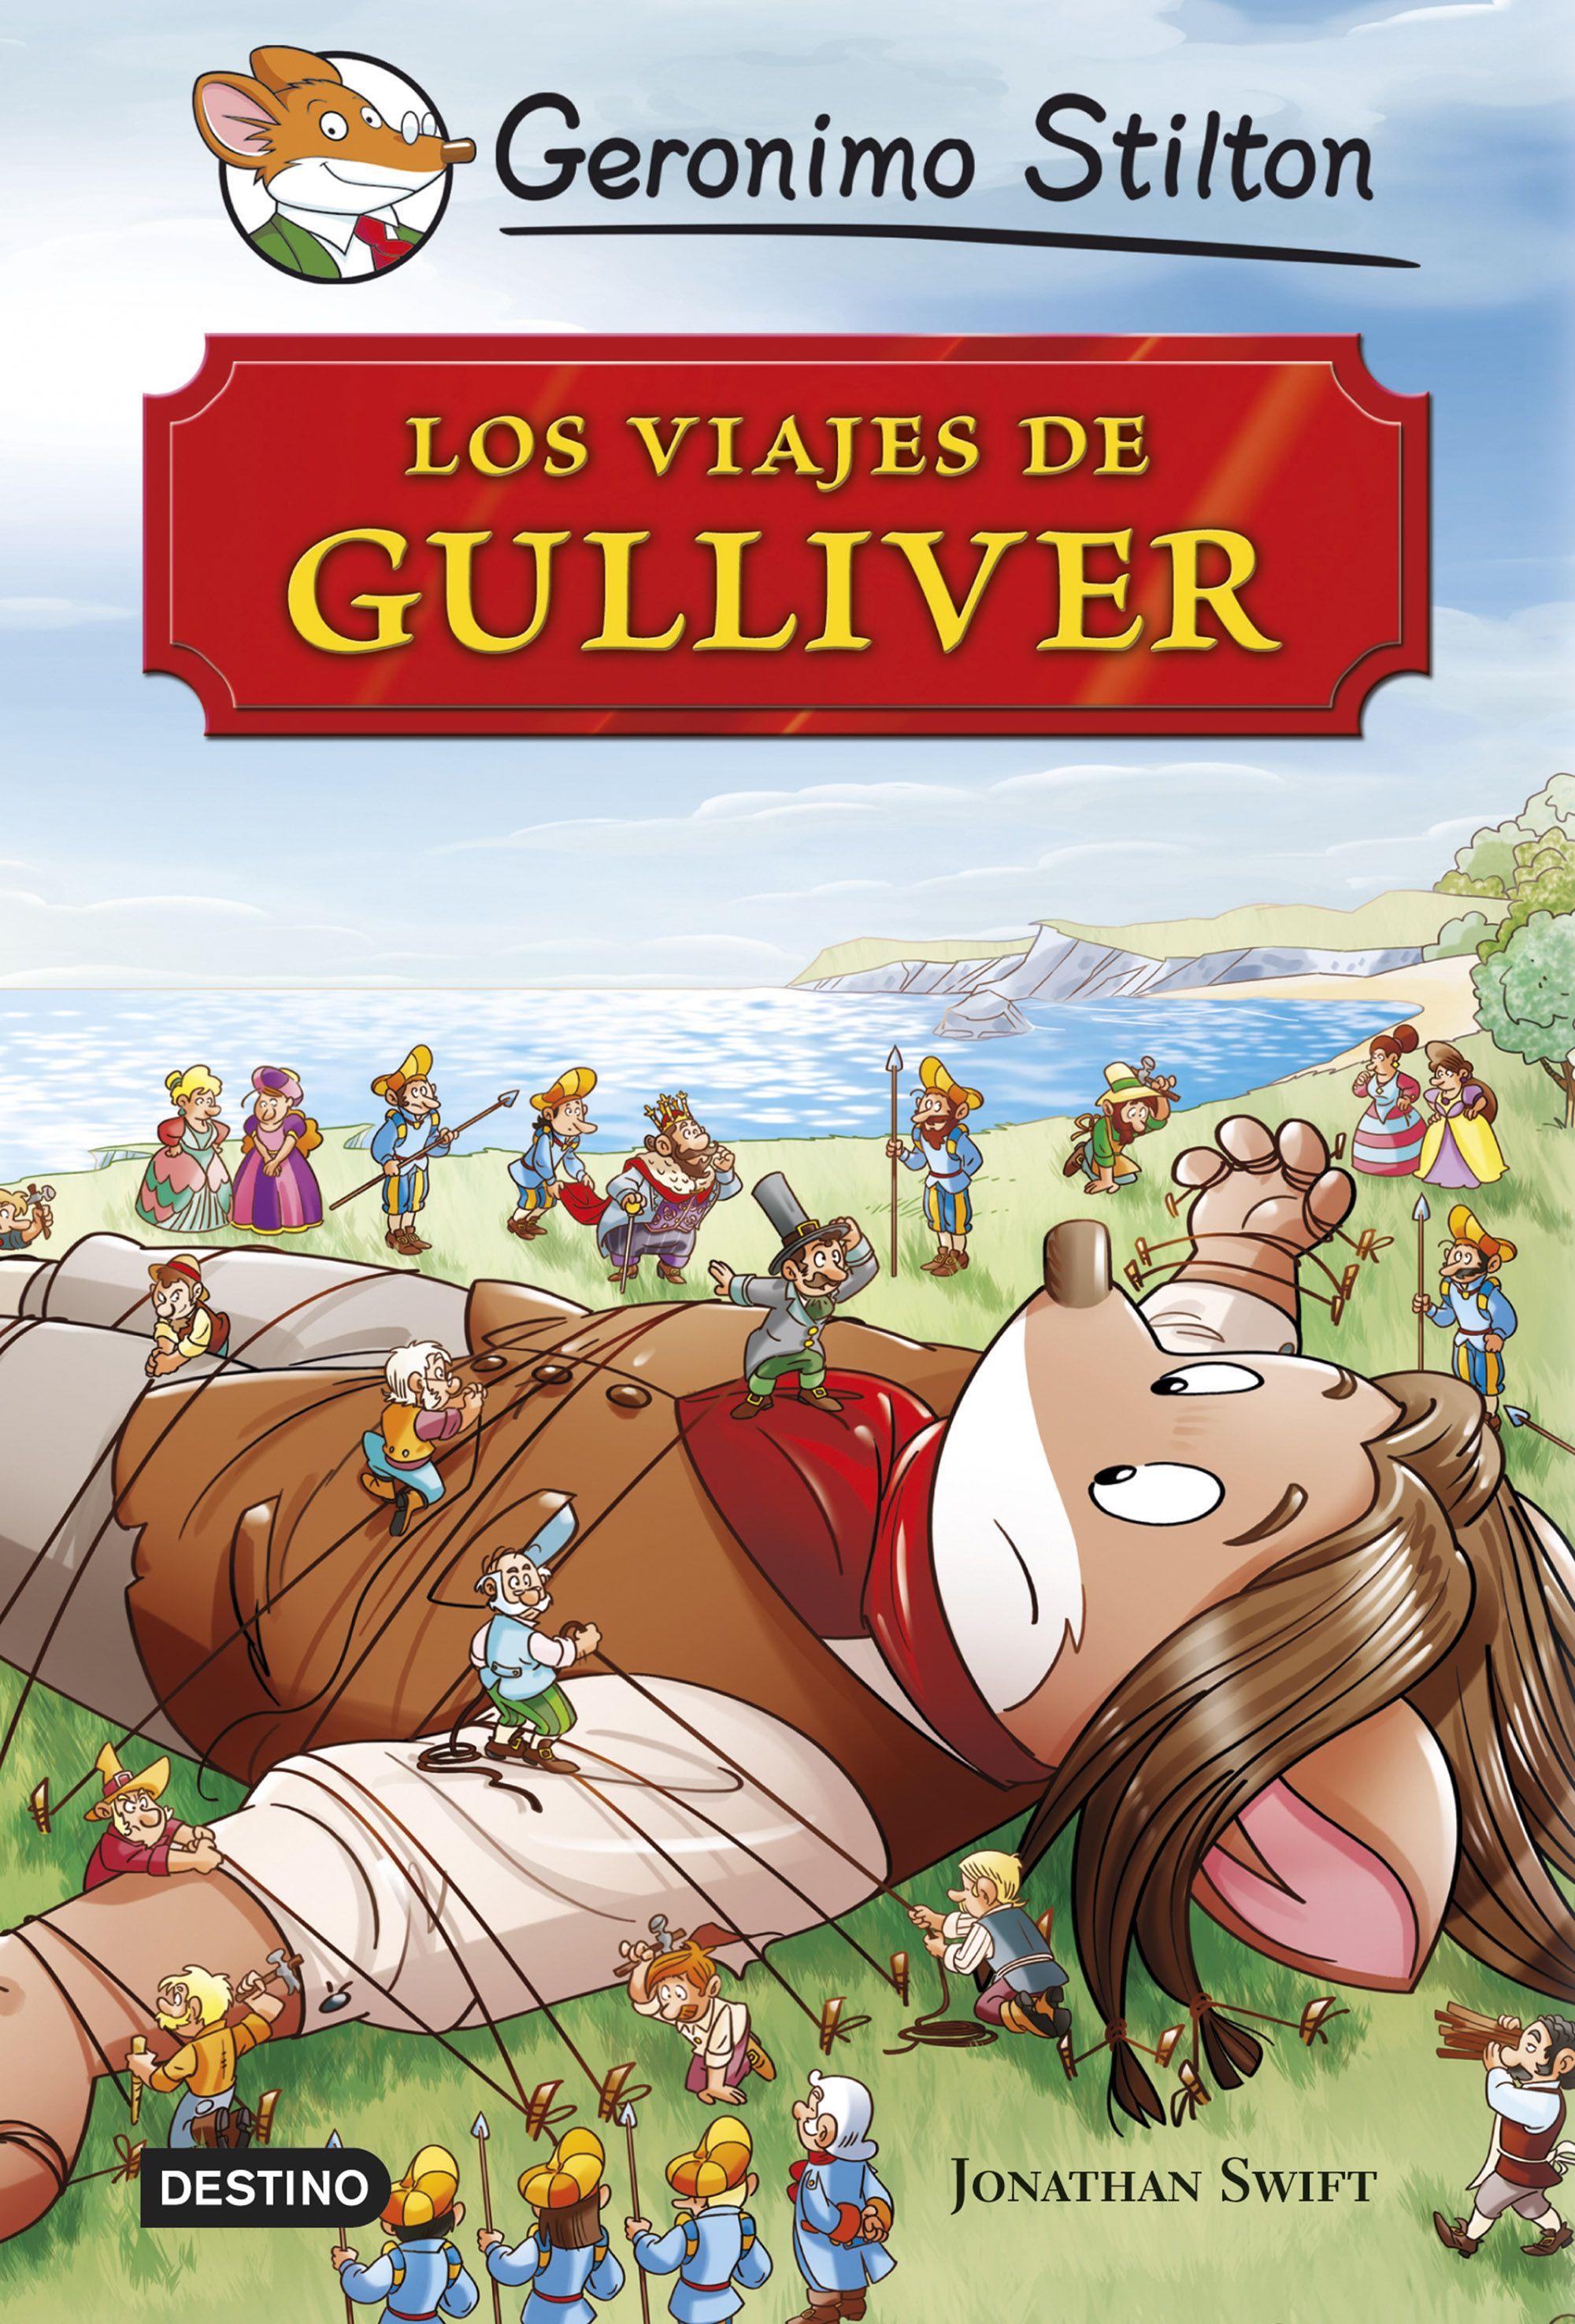 GRANDES HISTORIAS : LOS VIAJES DE GULLIVER | GERONIMO